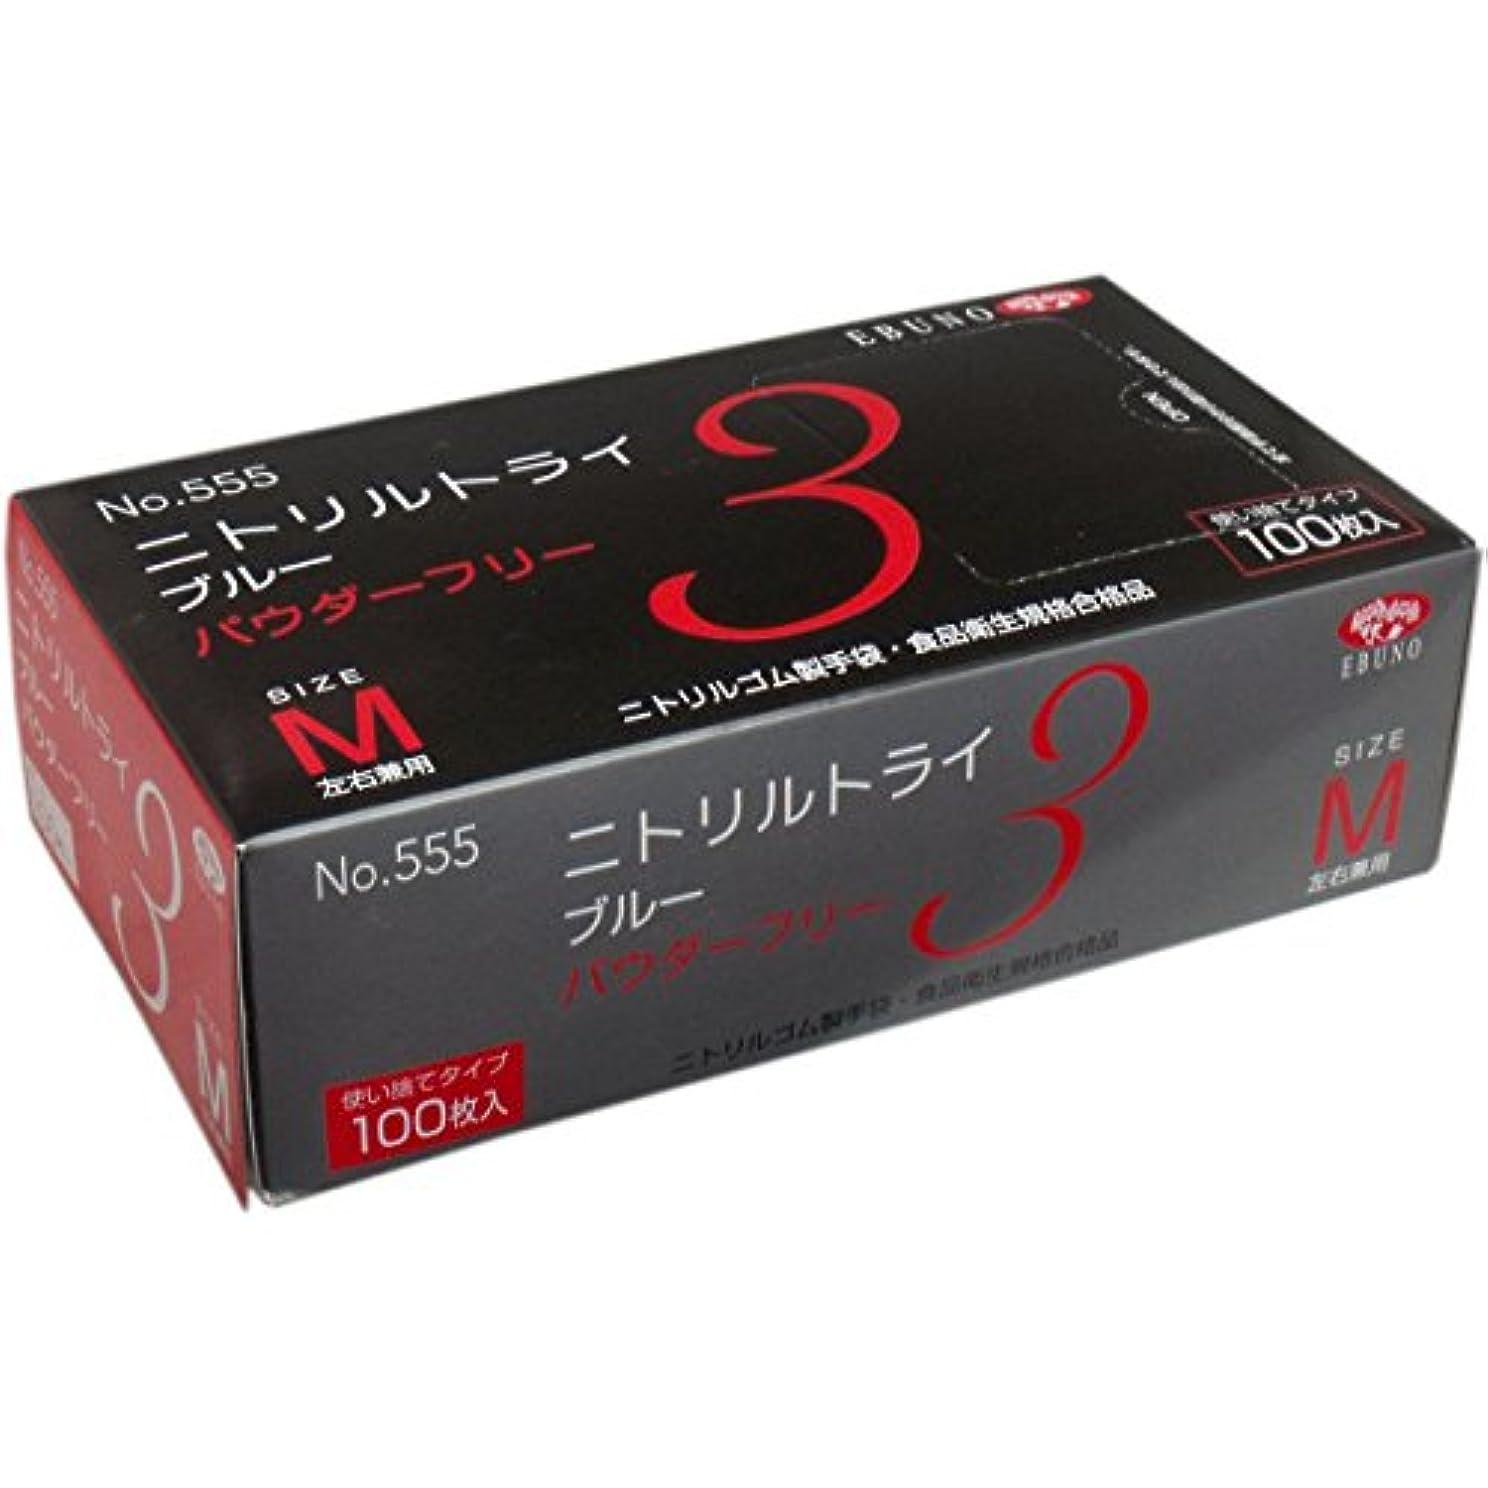 単独で編集者コンパニオンニトリルトライ3 手袋 ブルー パウダーフリー Mサイズ 100枚入×10個セット